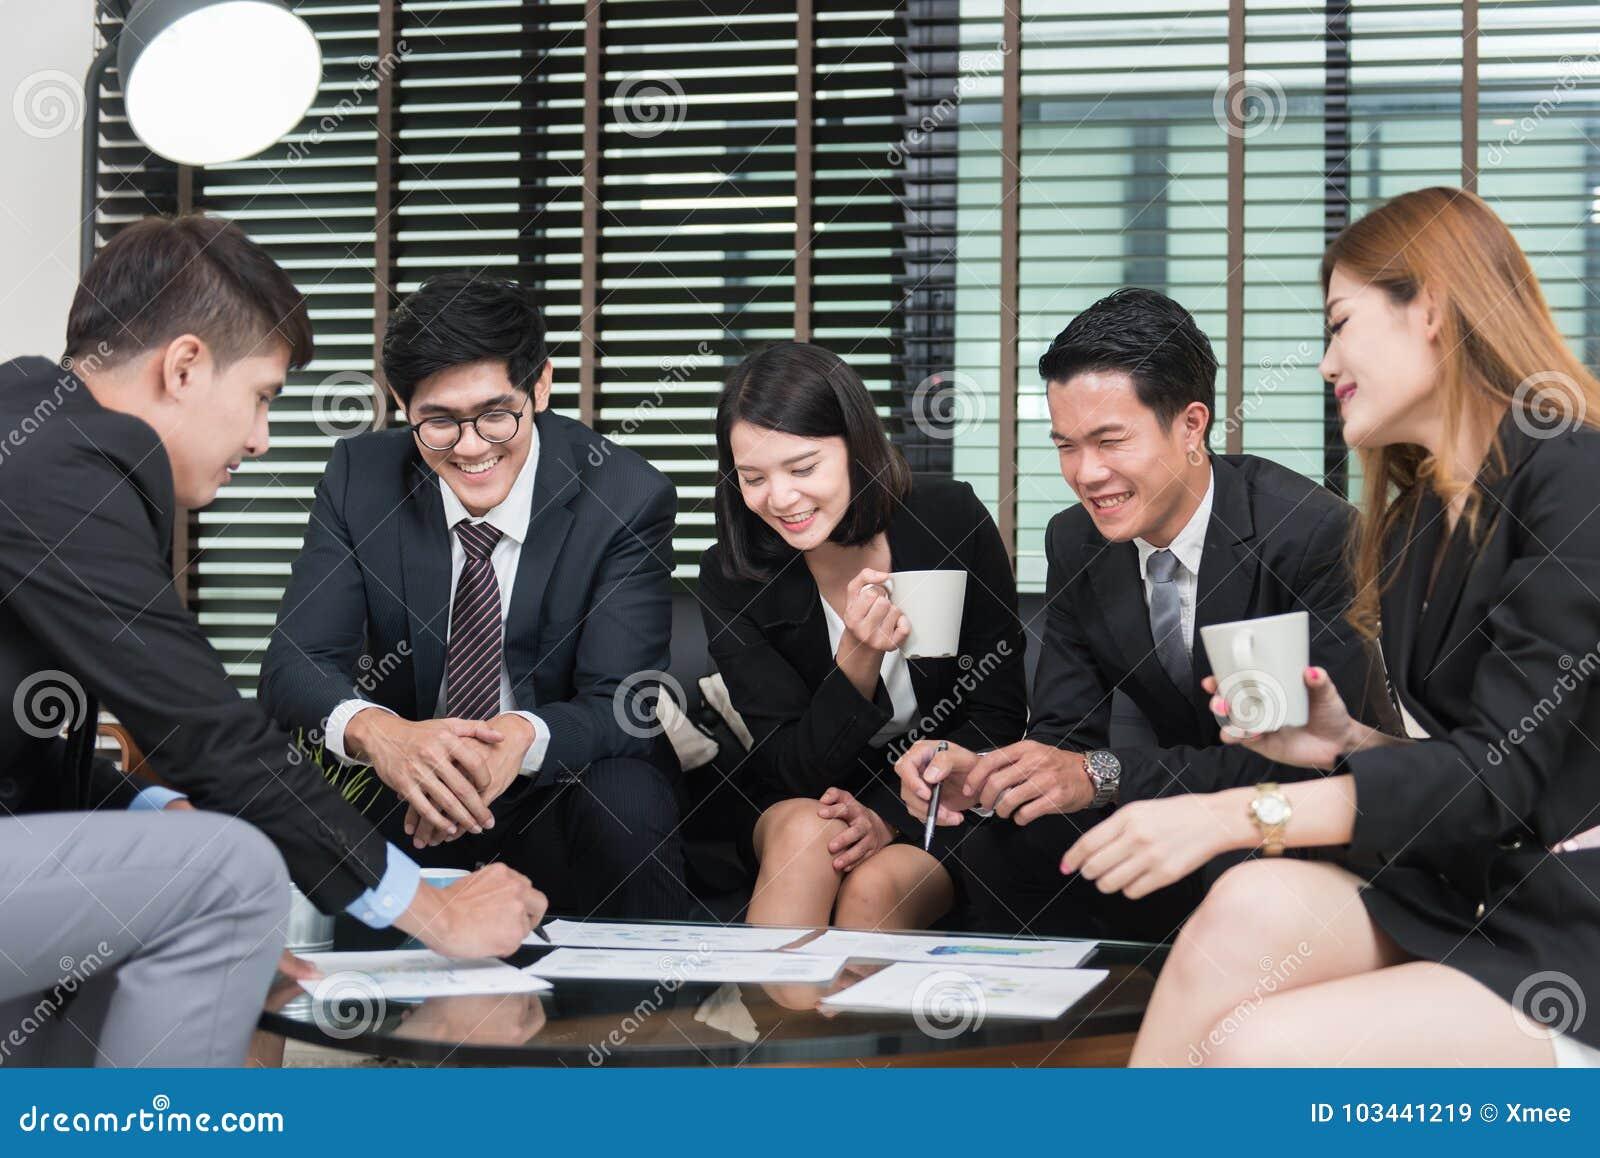 Νέοι επιχειρησιακοί επαγγελματίες που διοργανώνουν μια συνεδρίαση στην αρχή